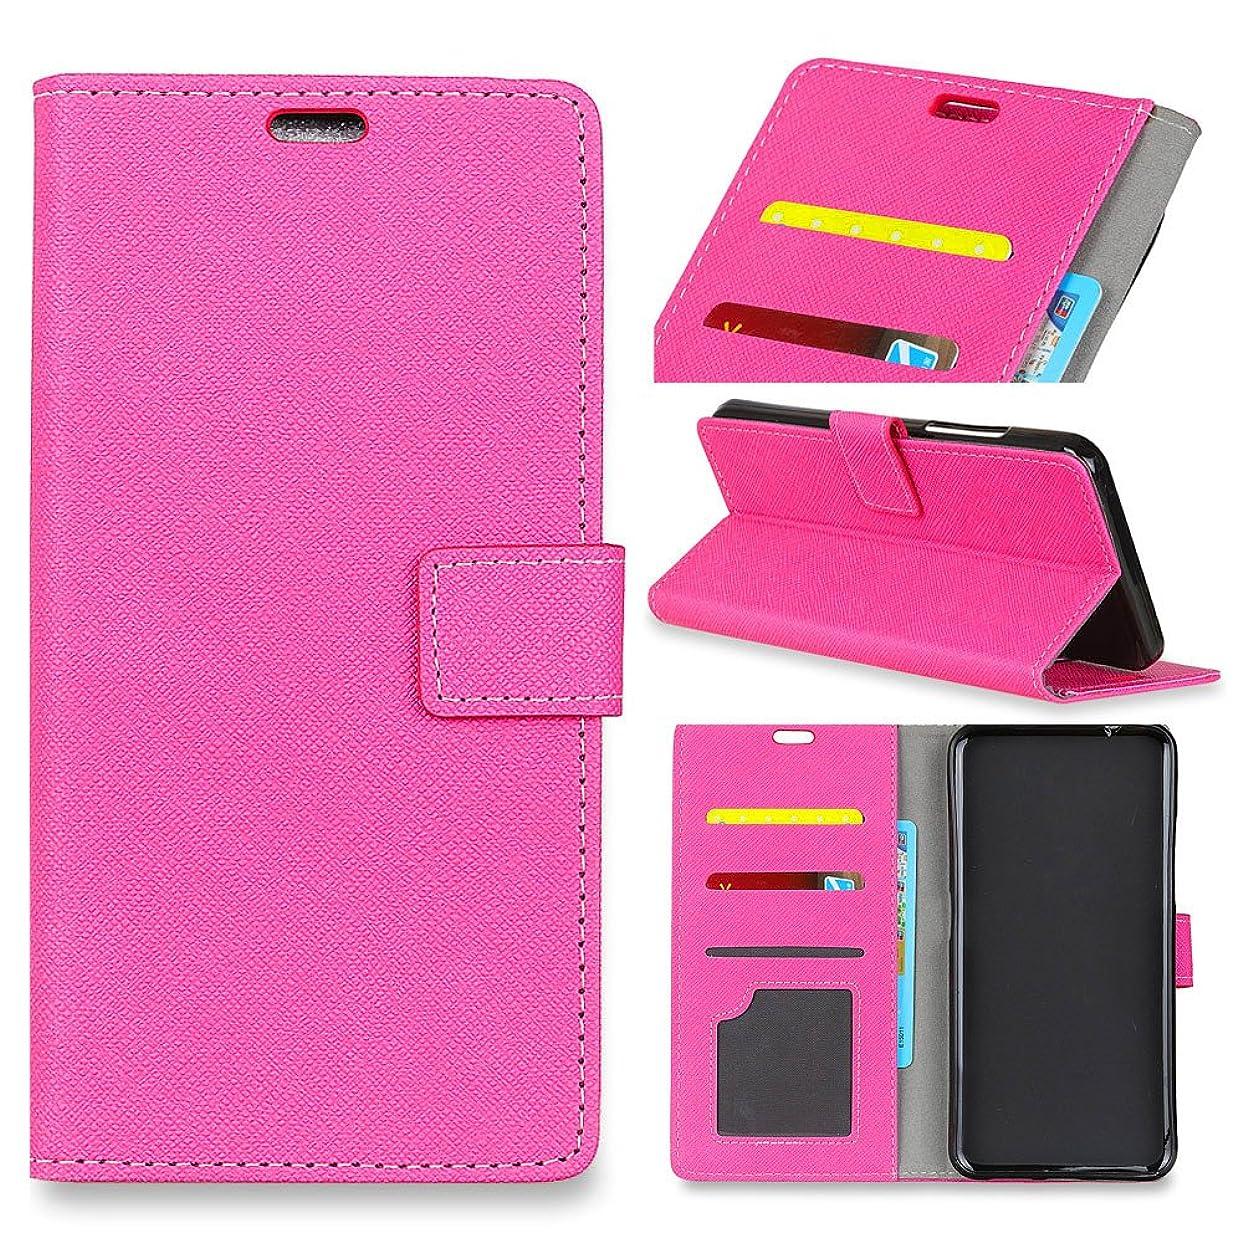 障害者サイズページェントLoveBee Huawei P20 スマホケース、 開閉式 レザーケース女性用 薄型 カードポケット付き Huawei P20 スマホケース (Rosy)